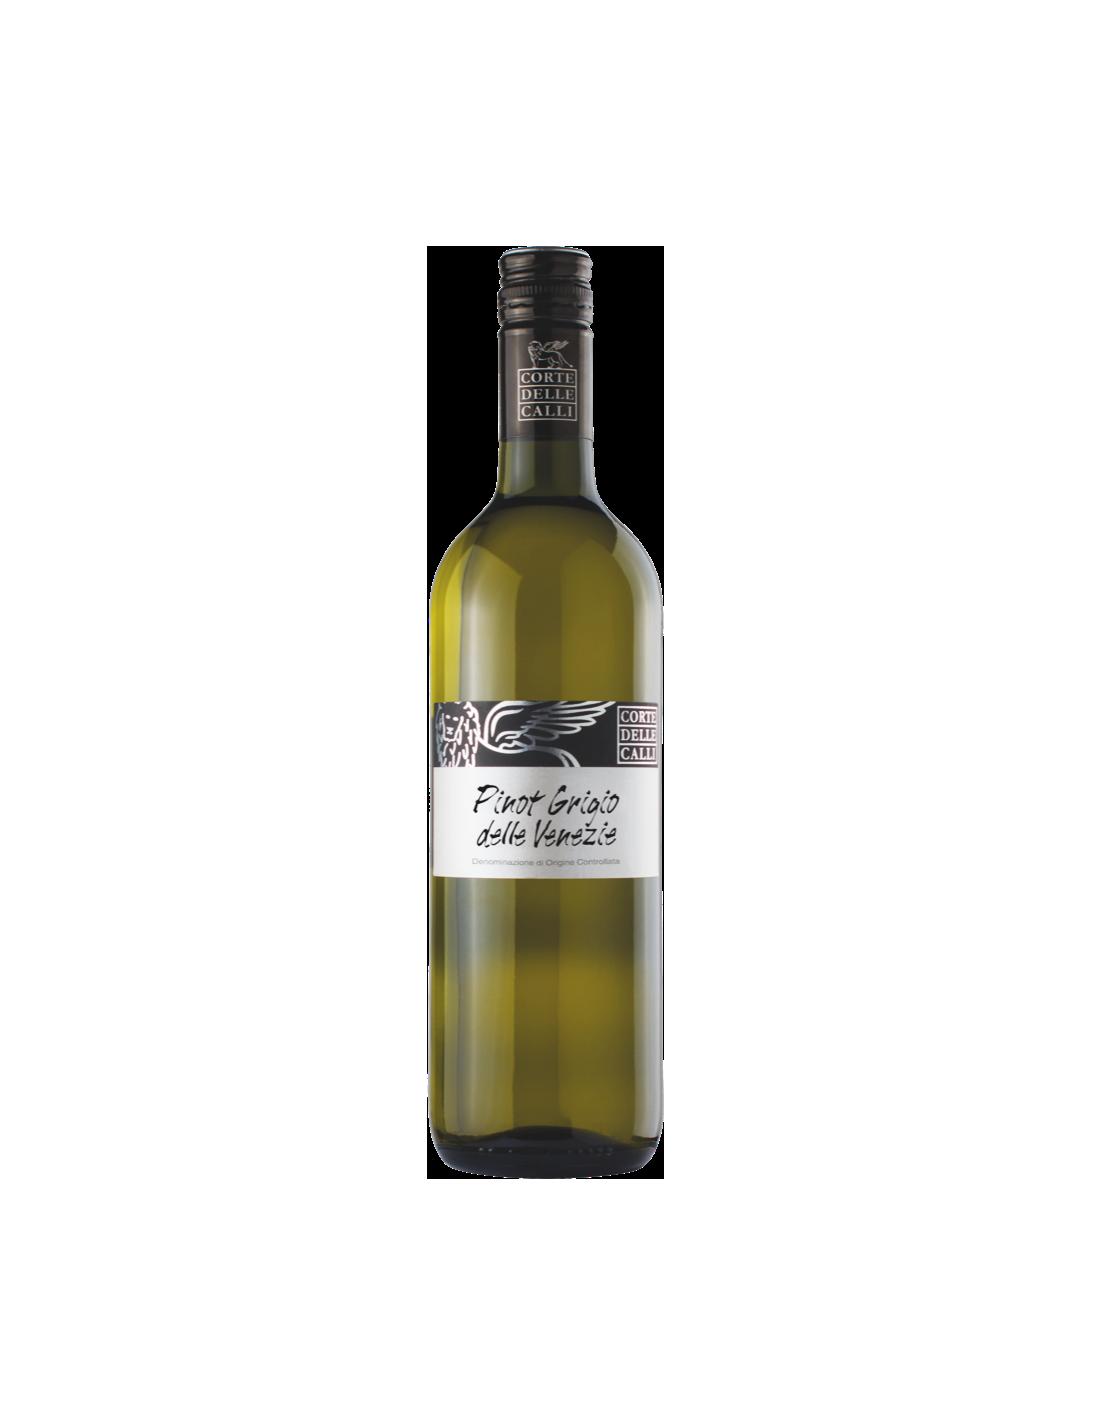 Vin alb, Pinot Grigio, Corte Delle Calli delle Venezie, 12% alc., 0.75L, Italia